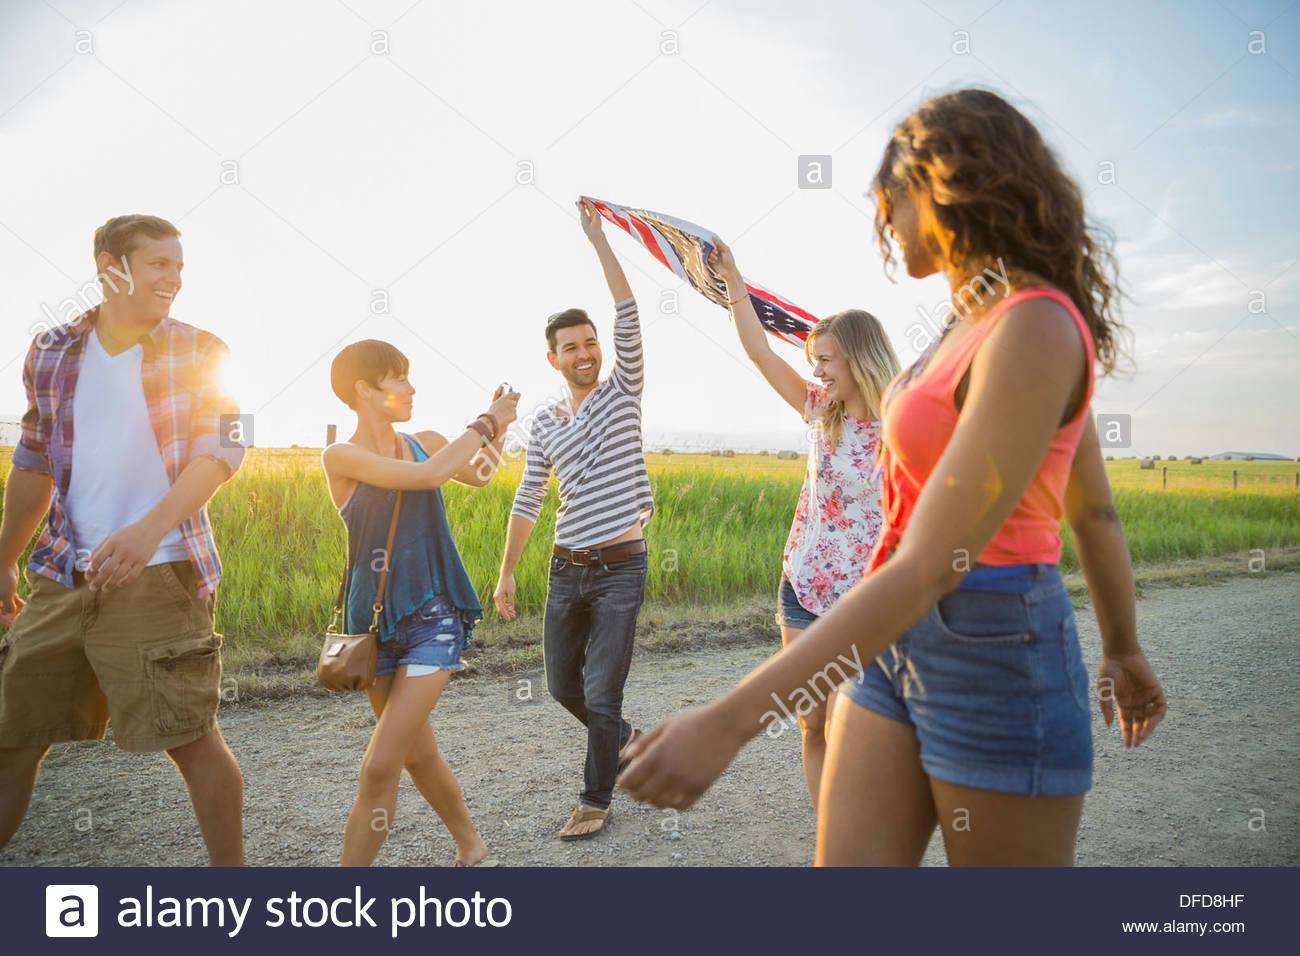 Amigos sosteniendo una bandera americana en el exterior Imagen De Stock